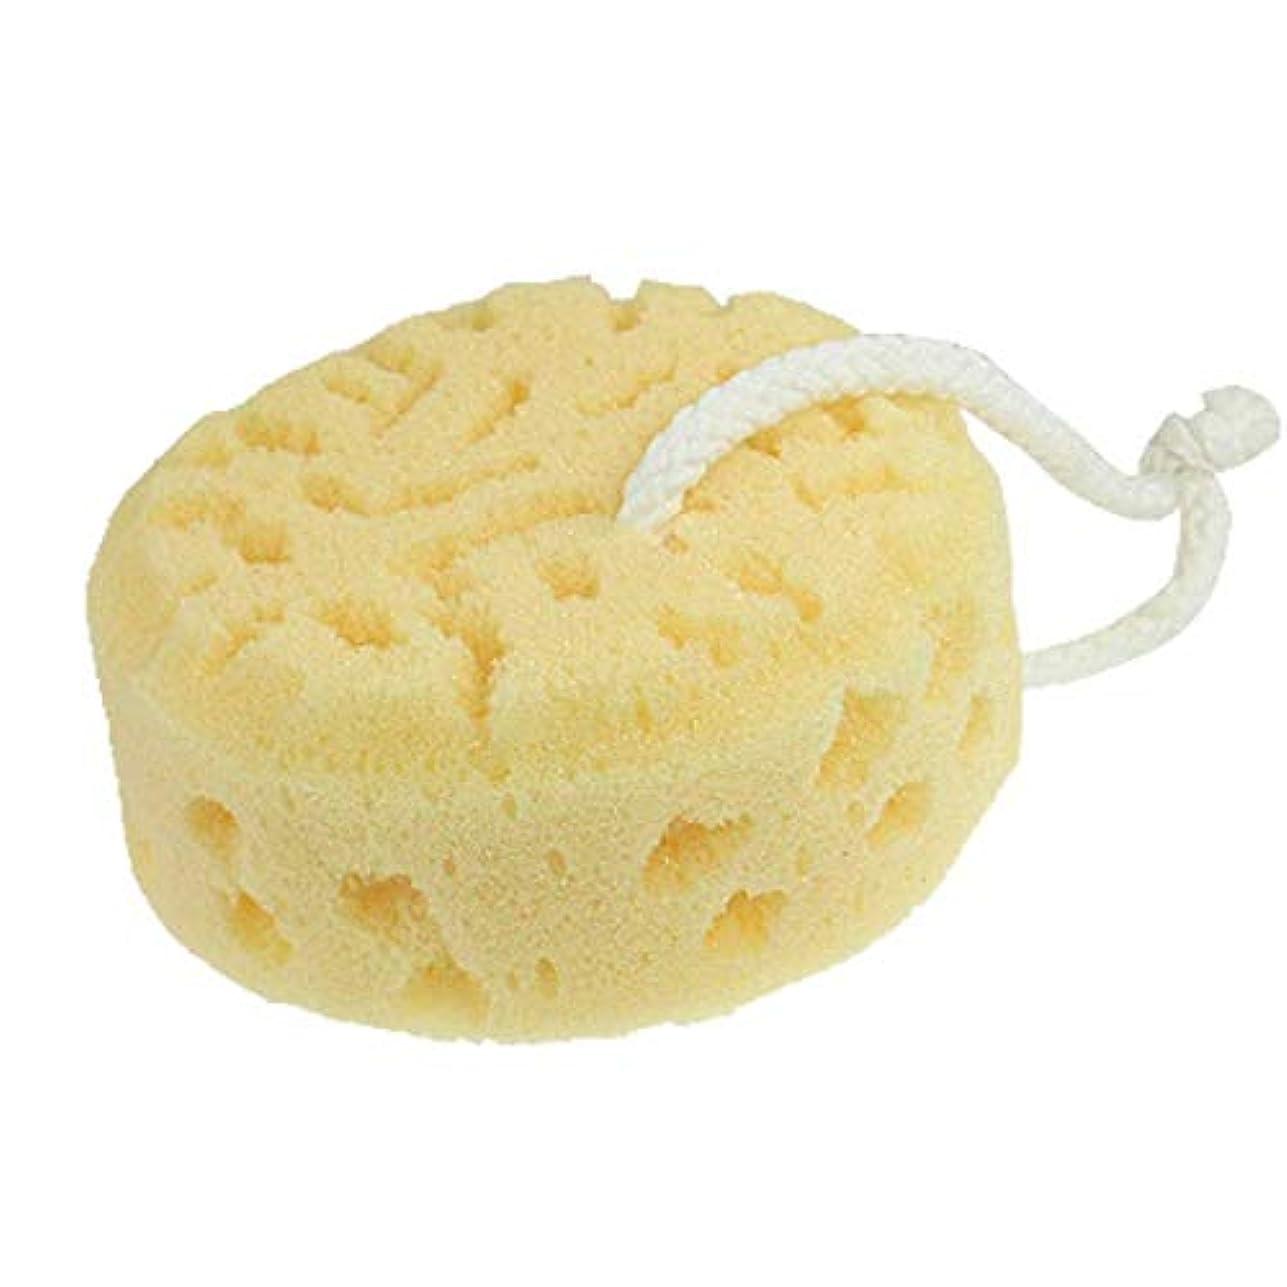 バスト隔離王朝Uotyle ボディスポンジ 泡立ち ふわふわ お風呂用 ボディ用ブラシ 肌にやさしい 浴用スポンジ